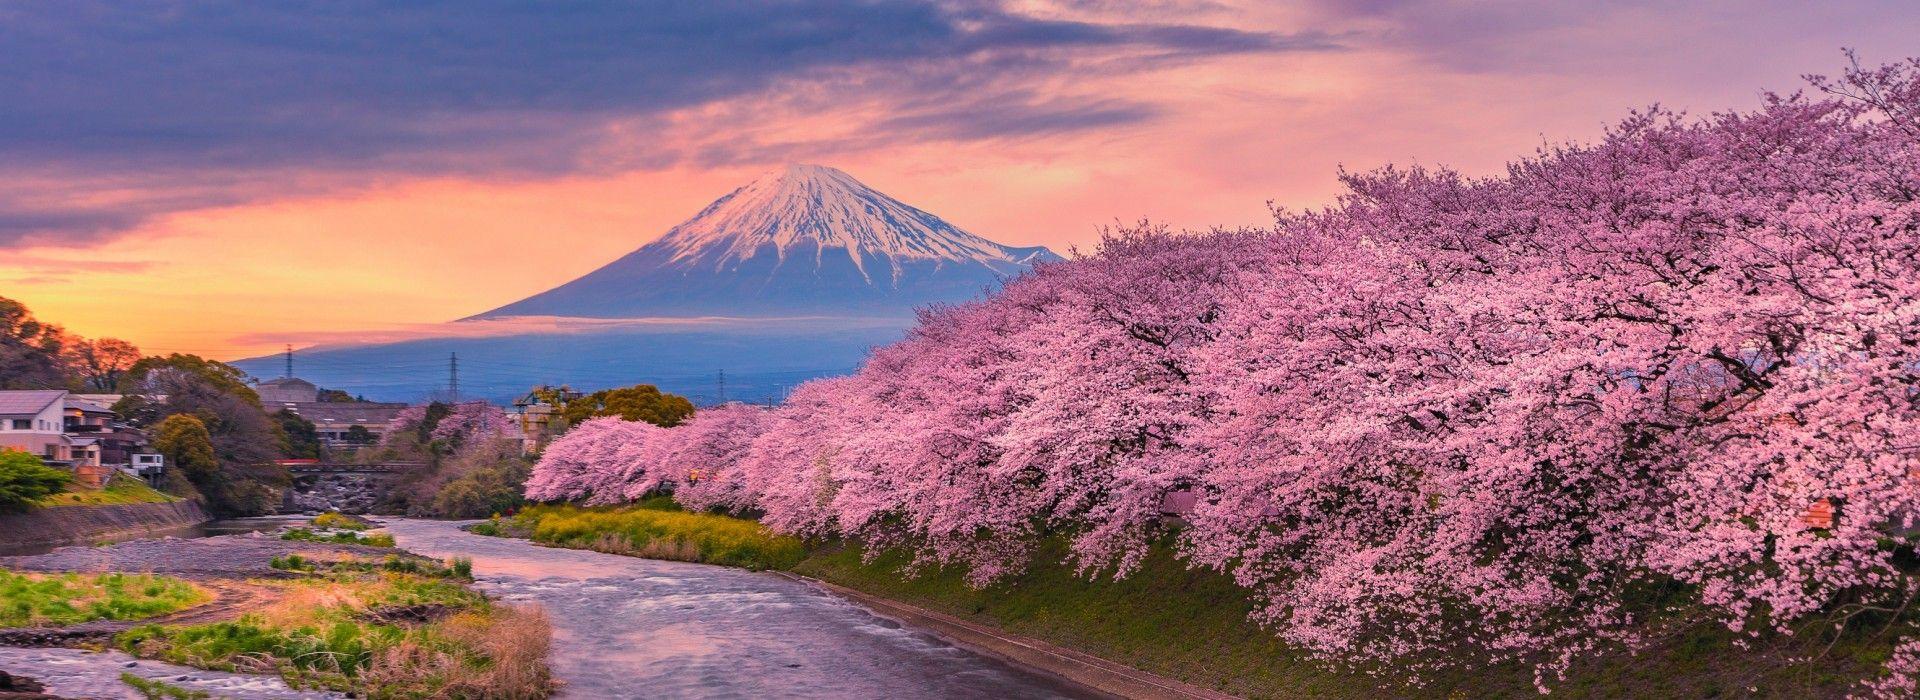 Meditation Tours in Japan